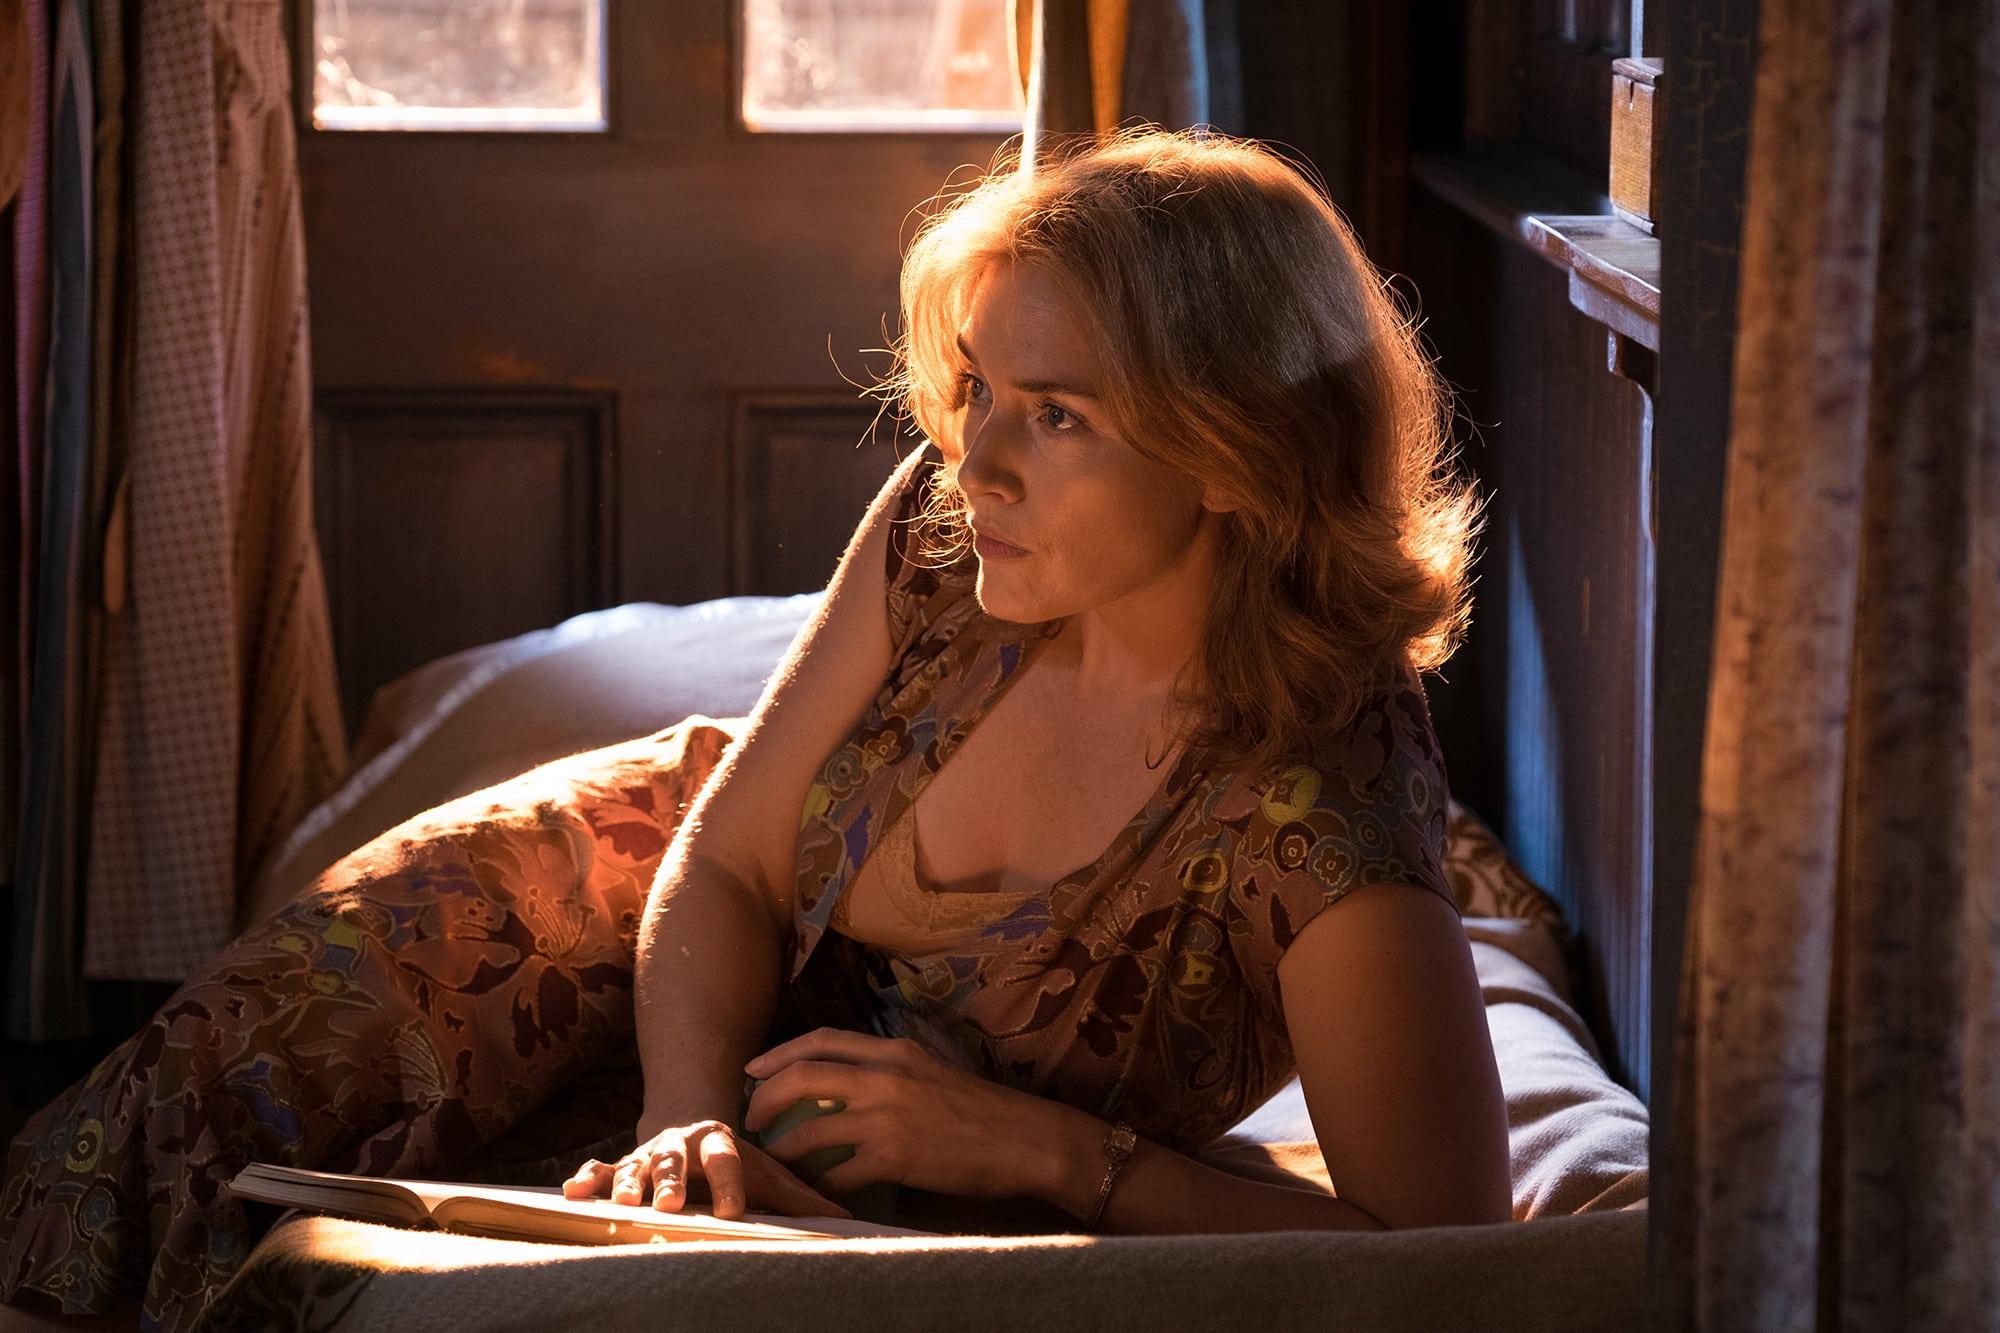 Kate Winslet tento rok uvidíme aj v potenciálnej oscarovke Wonder Wheel